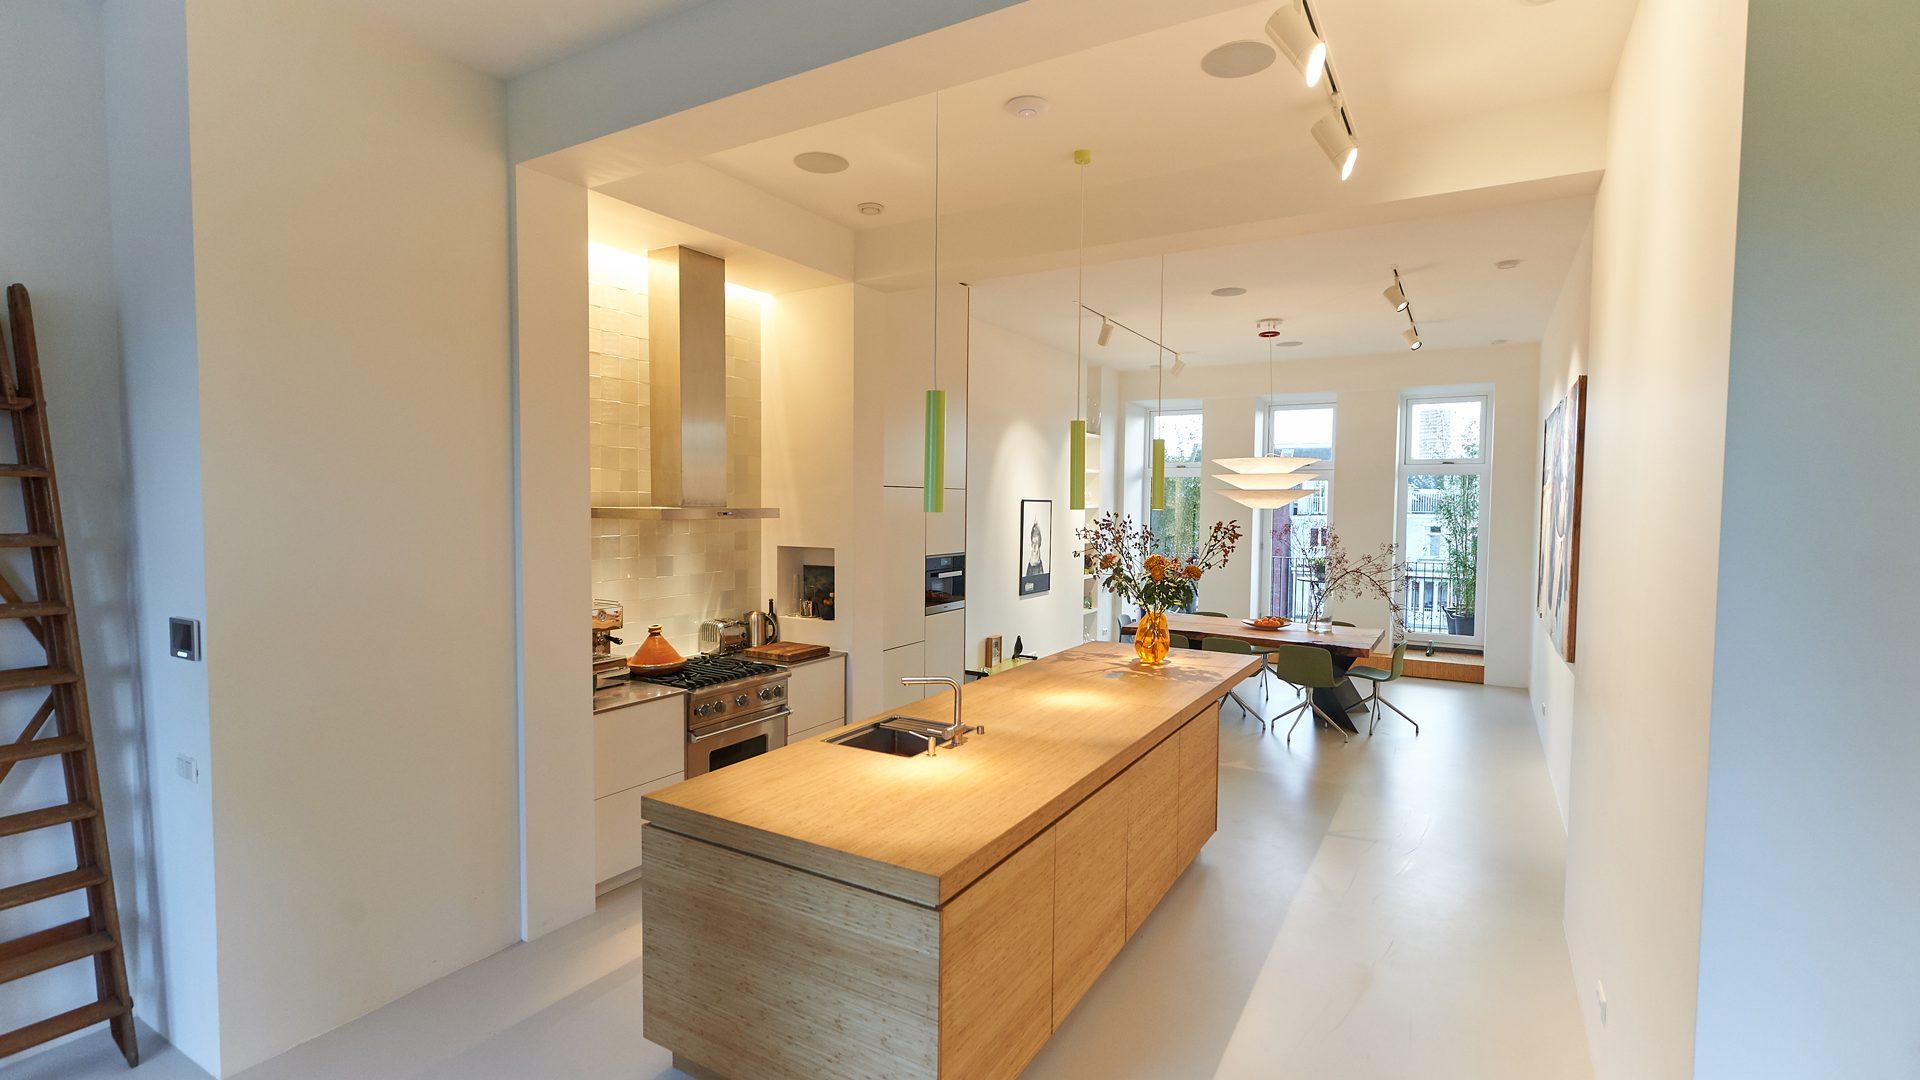 Lichtontwerp loft keuken